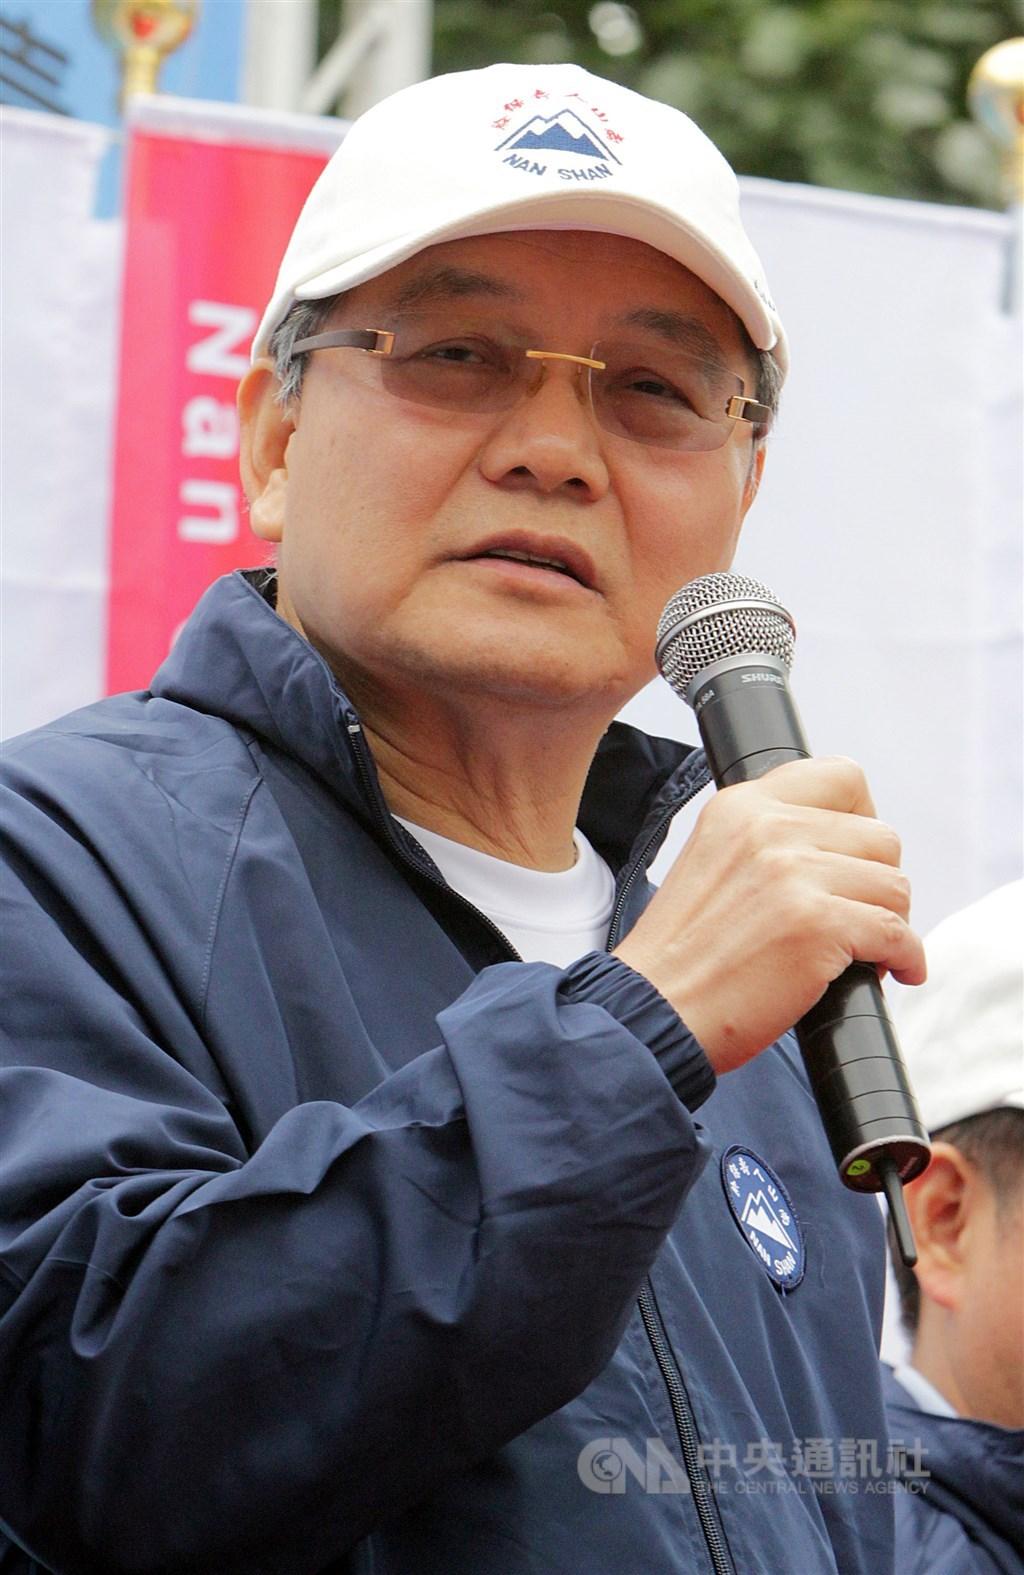 南山人壽30日表示,遭金管會停職的前董事長杜英宗(圖),將由目前的代理董事長陳棠繼任,待金管會核准生效。(中央社檔案照片)